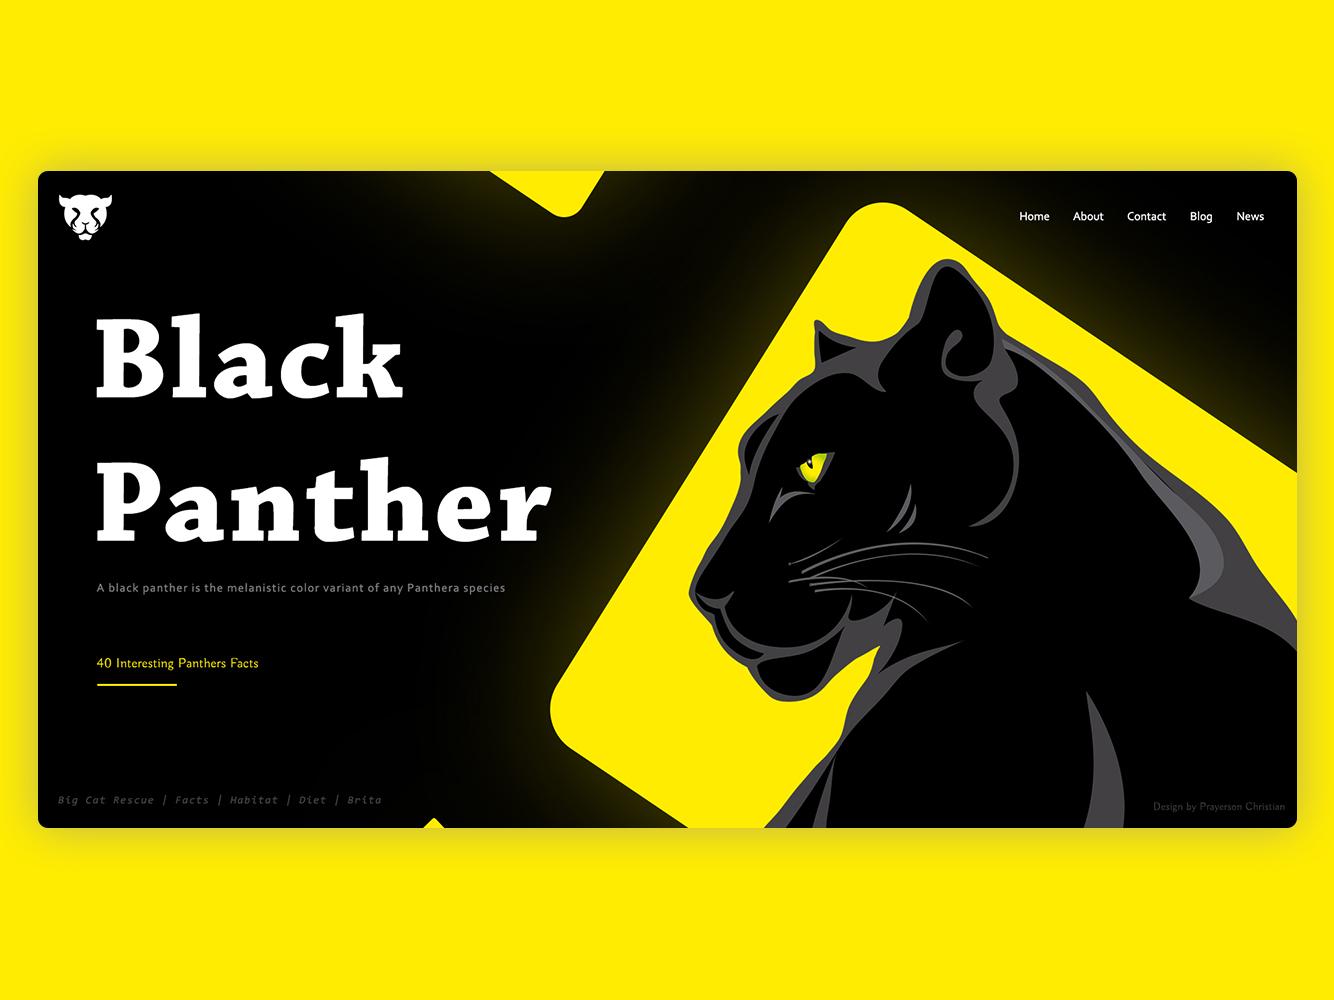 Black Panther designer website website design mockup psd layoutdesign photoshop webdesign